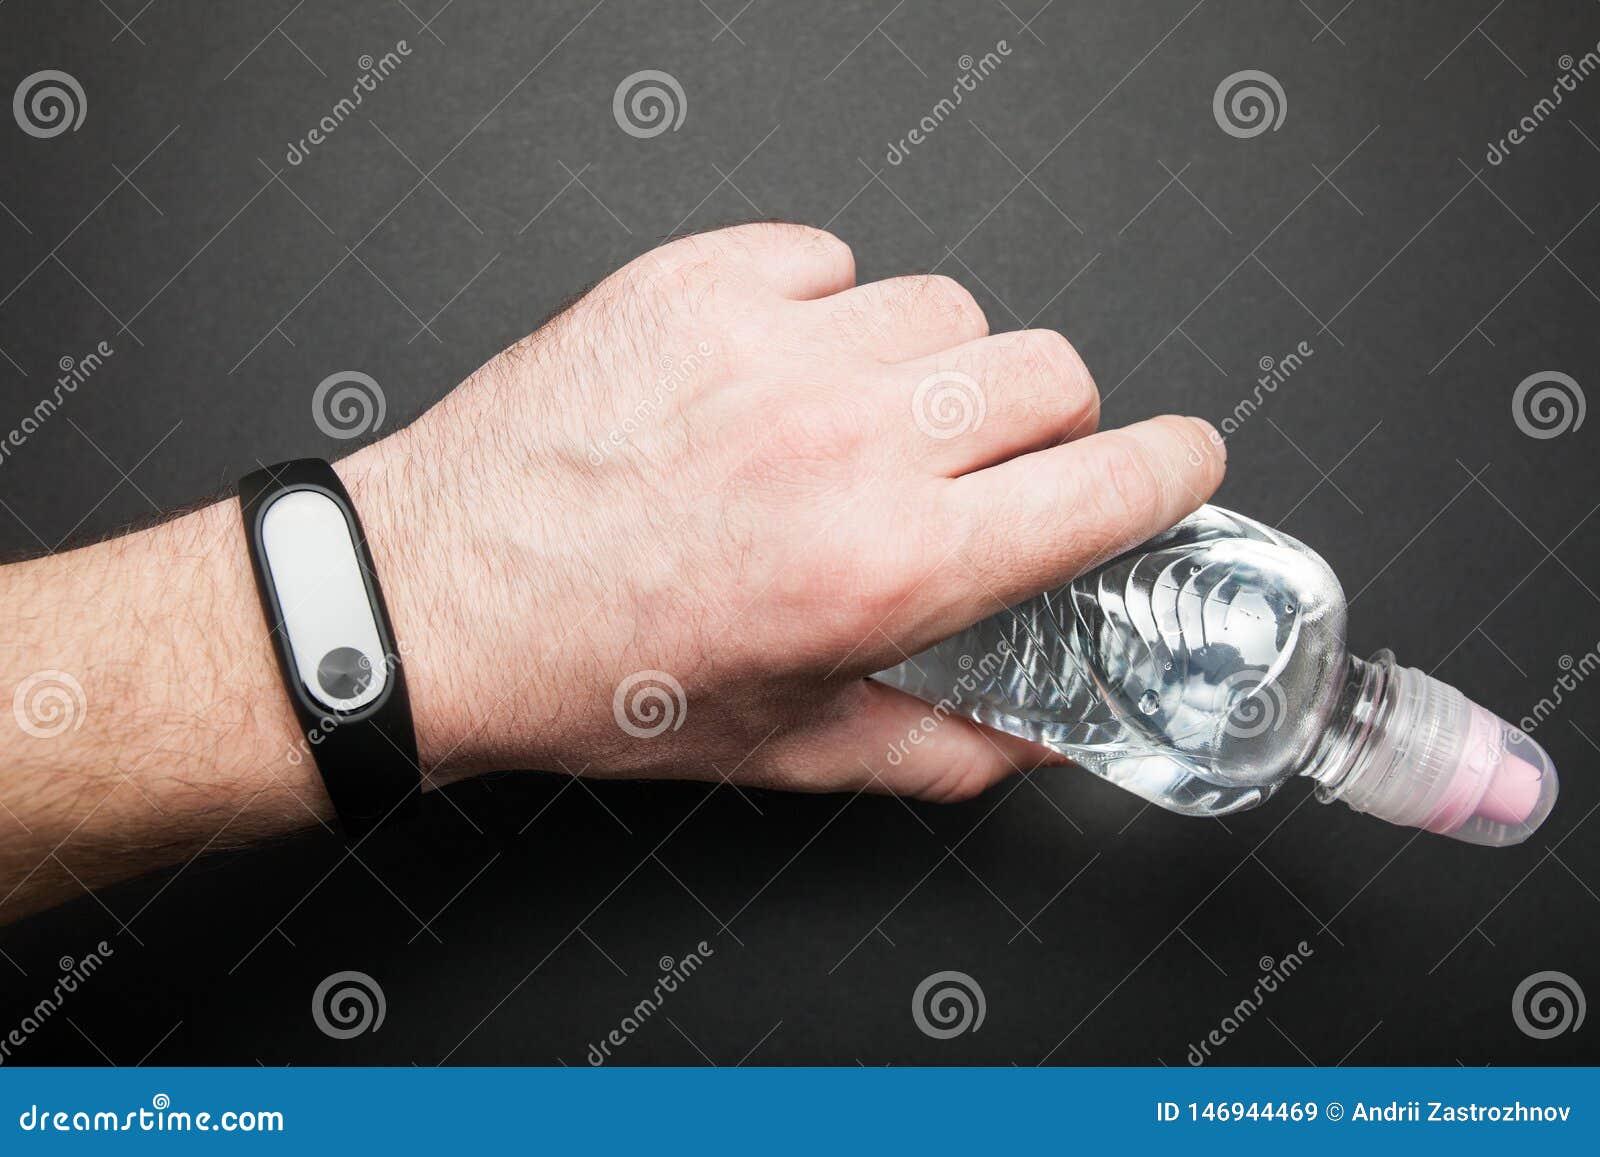 Браслет фитнеса на руке человека с бутылкой воды